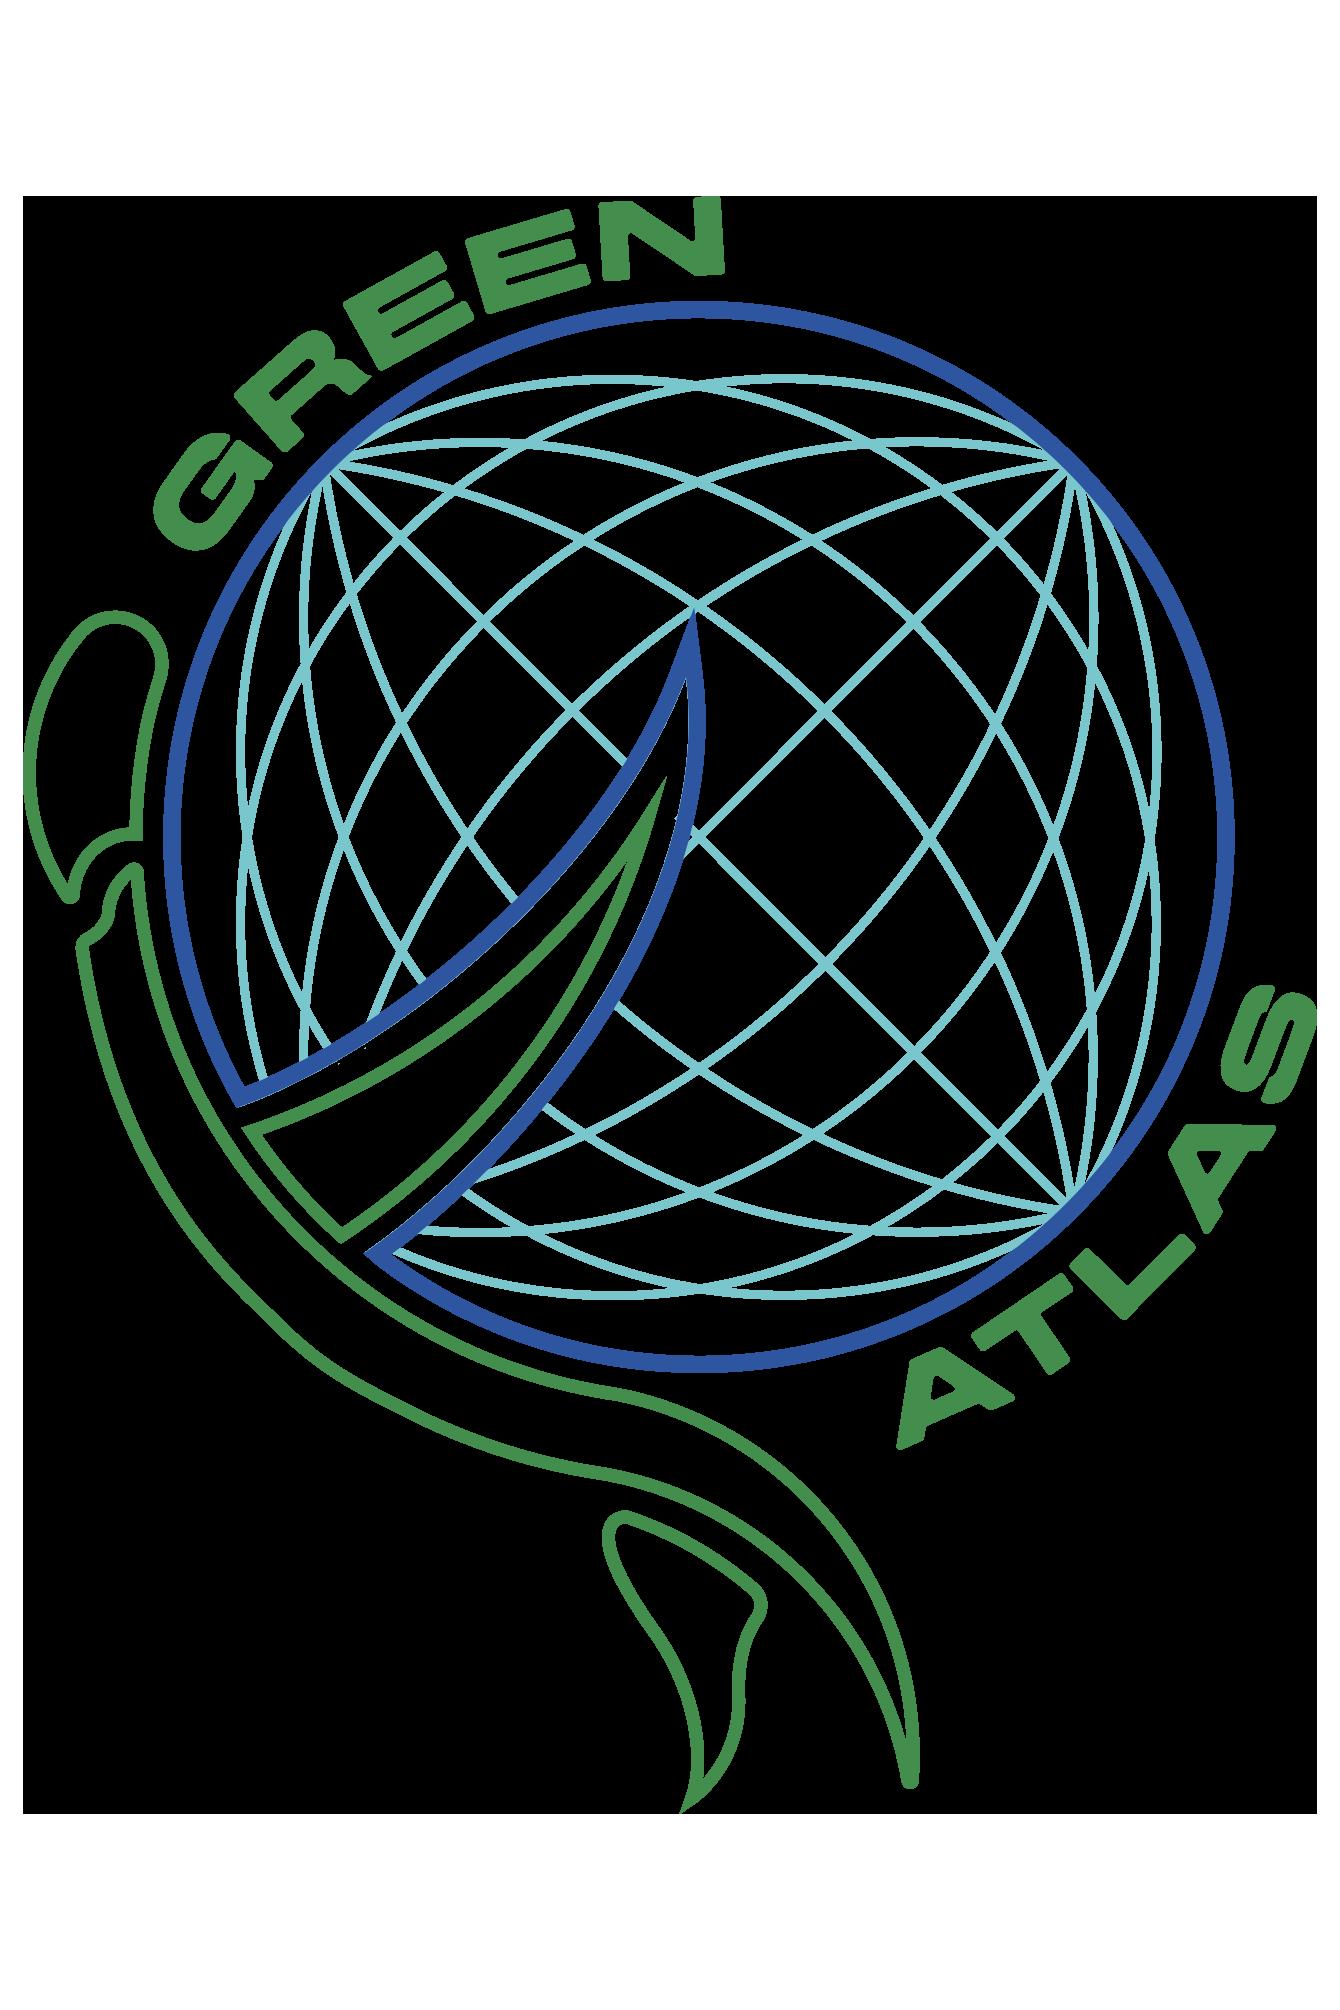 GREEN-ATLAS